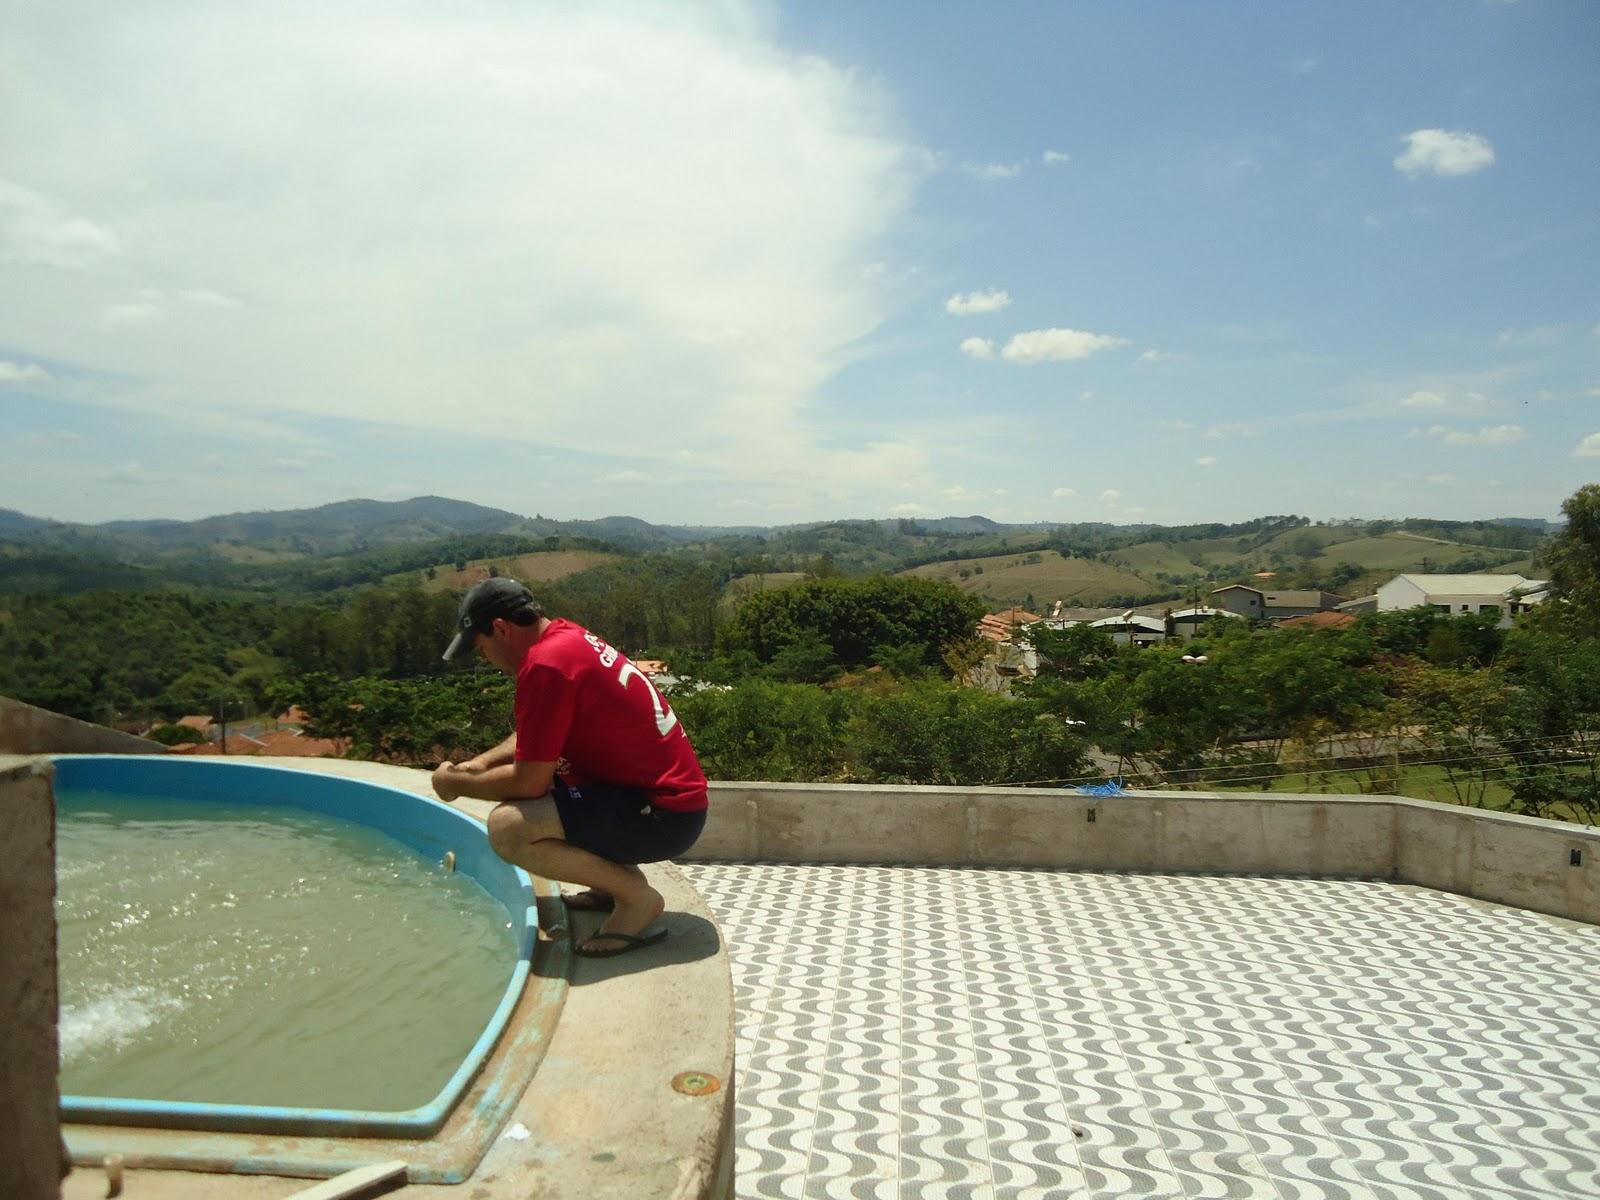 Olha o Maridão aí é o 1º vez que estamos limpando a piscina  #653225 1600x1200